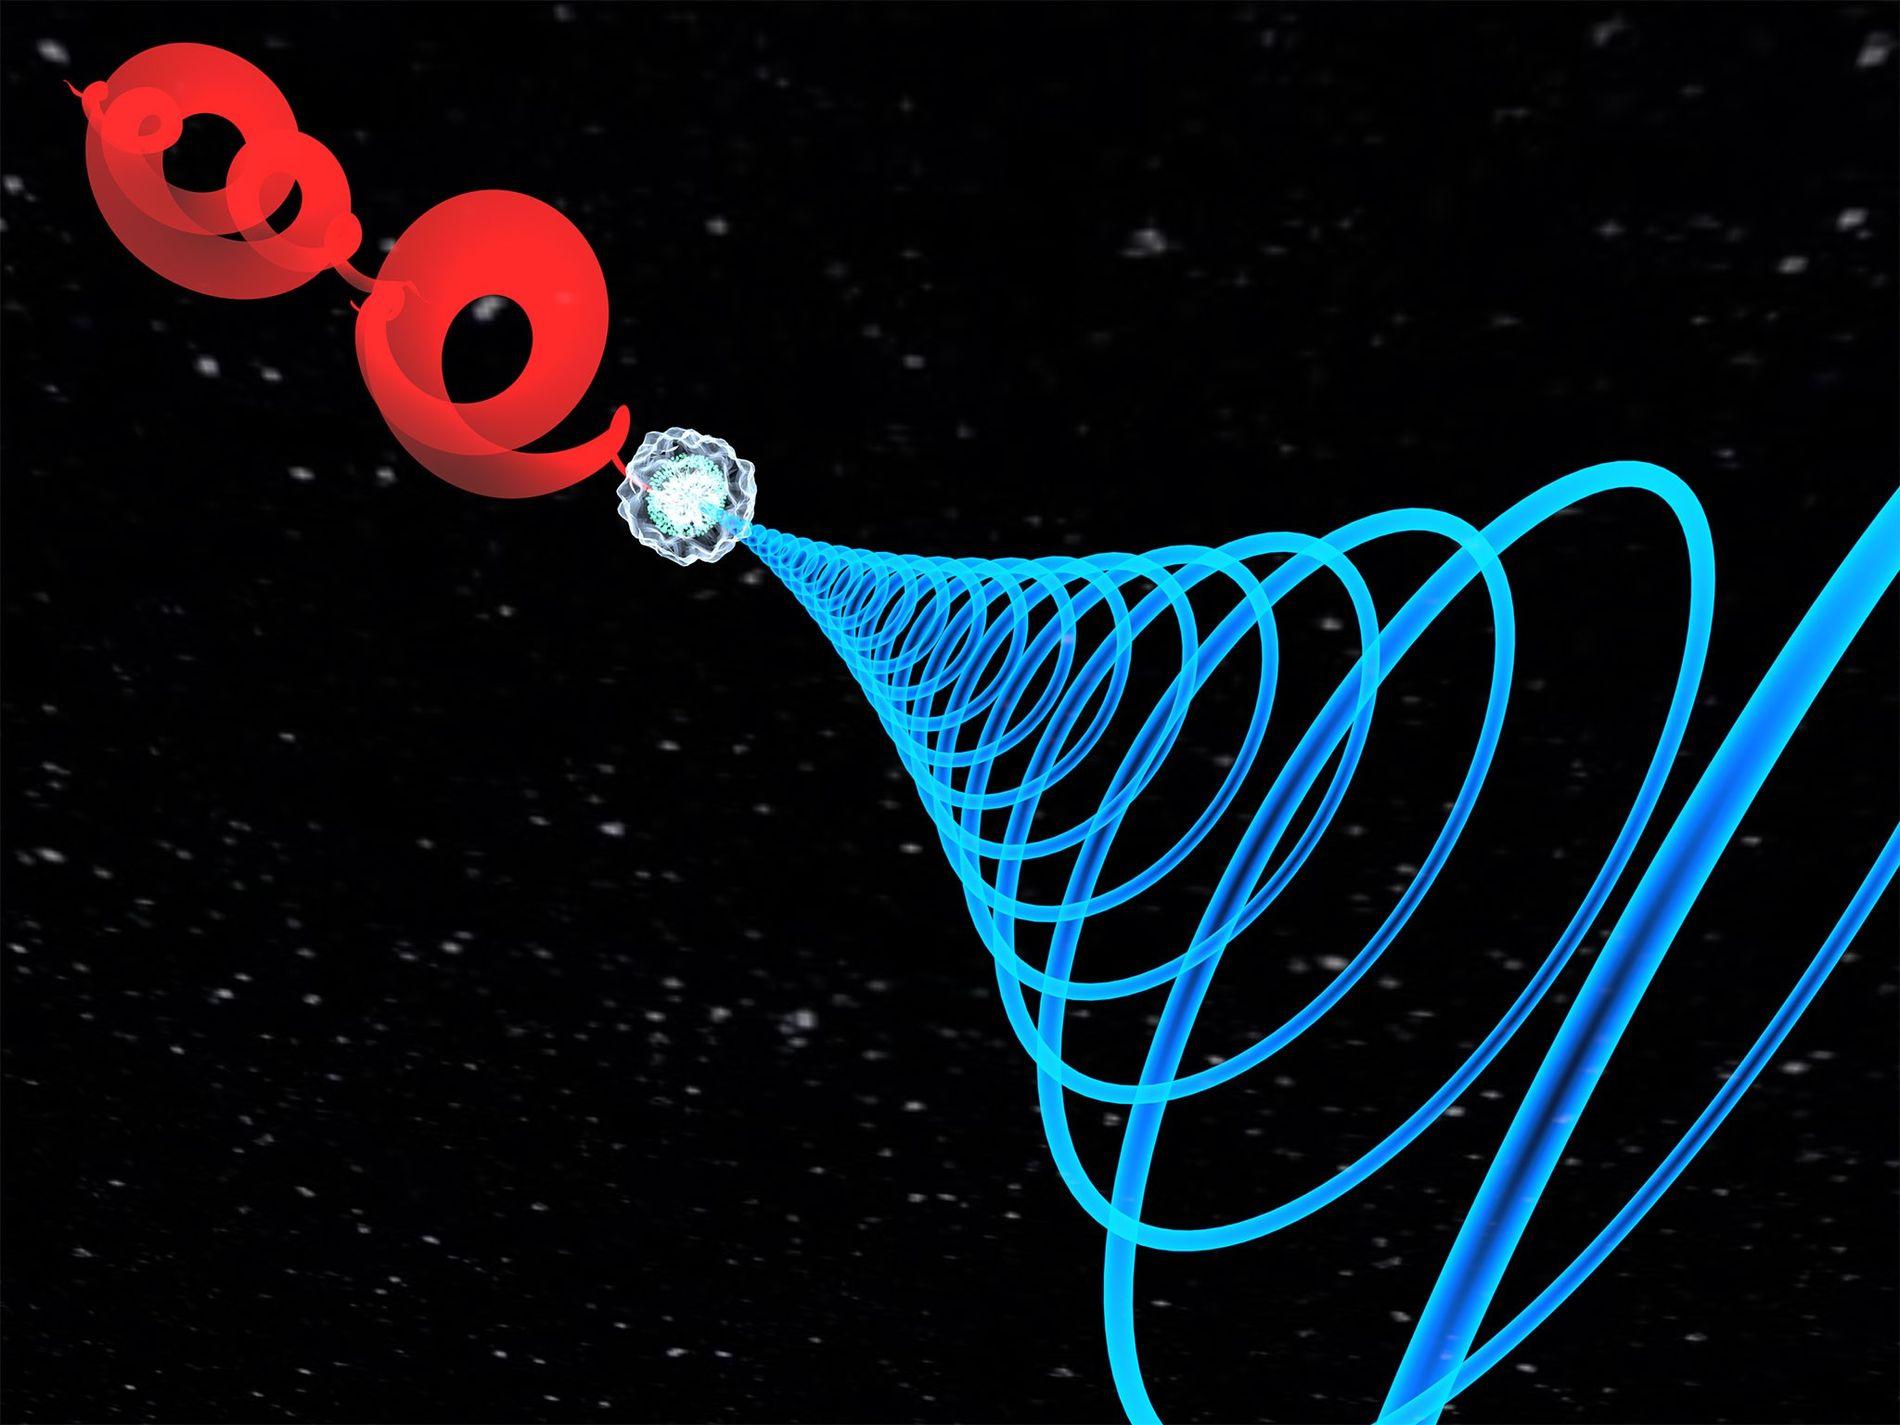 Usando dois pulsos de laser temporizados, lançados em gás argônio, os físicos ópticos descobriram uma nova propriedade da luz chamada autotorque. Esse tipo de laser, quando direcionado a uma superfície lisa, produz uma poça de luz no formato de um croissant.